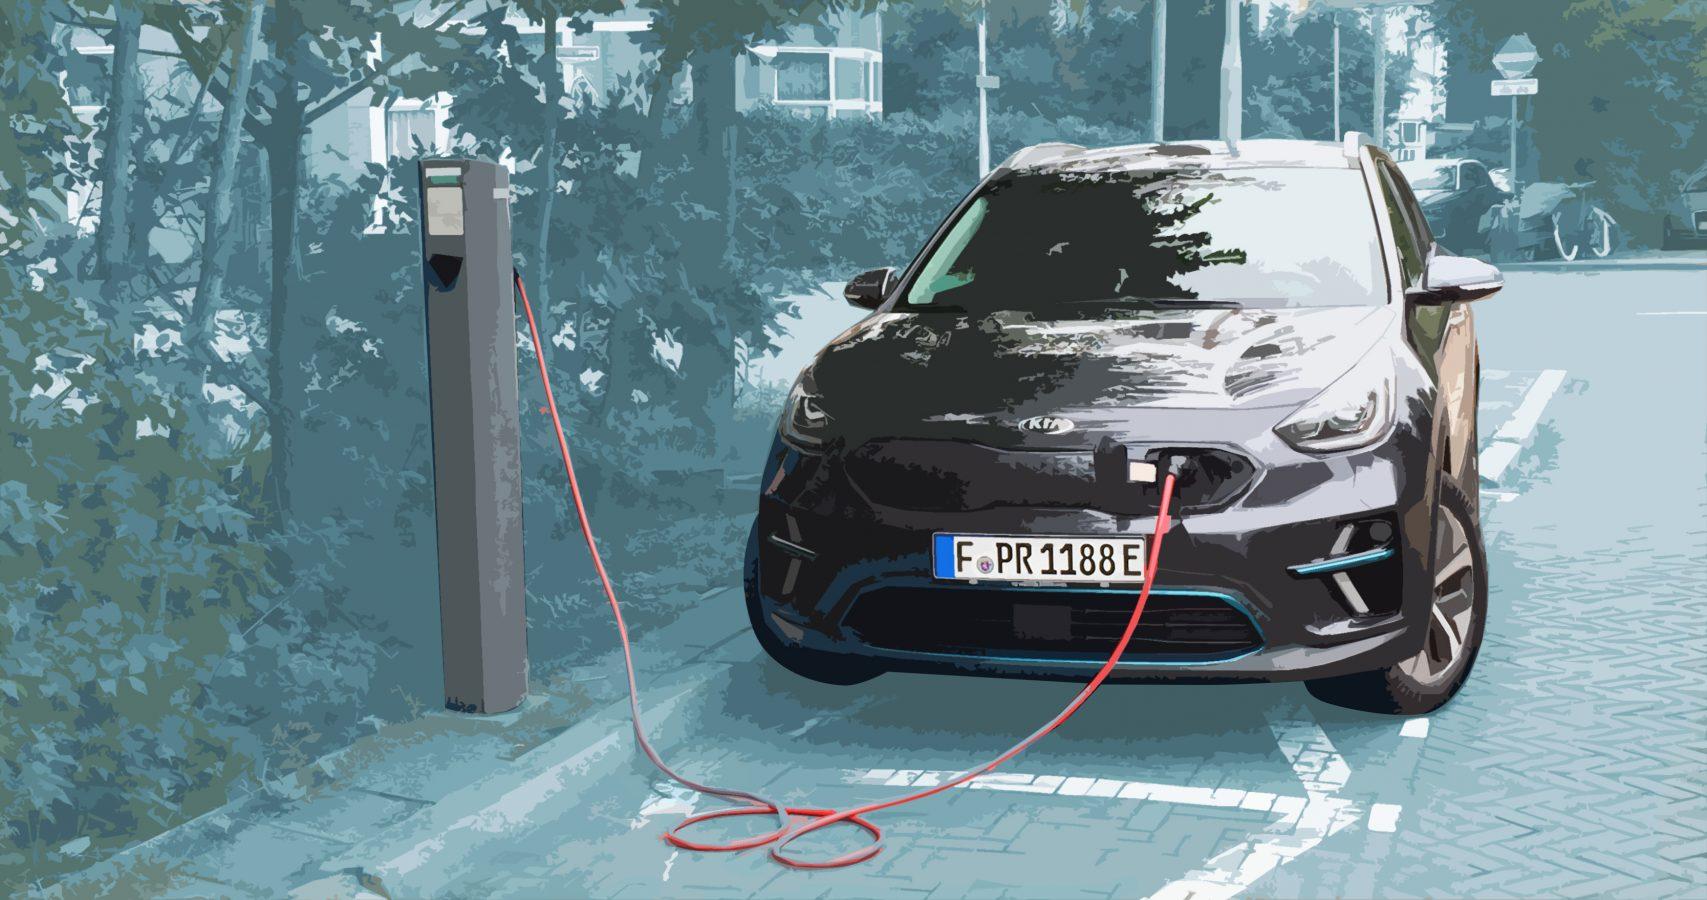 Elektrisierend: Mit dem E-Auto nach Holland